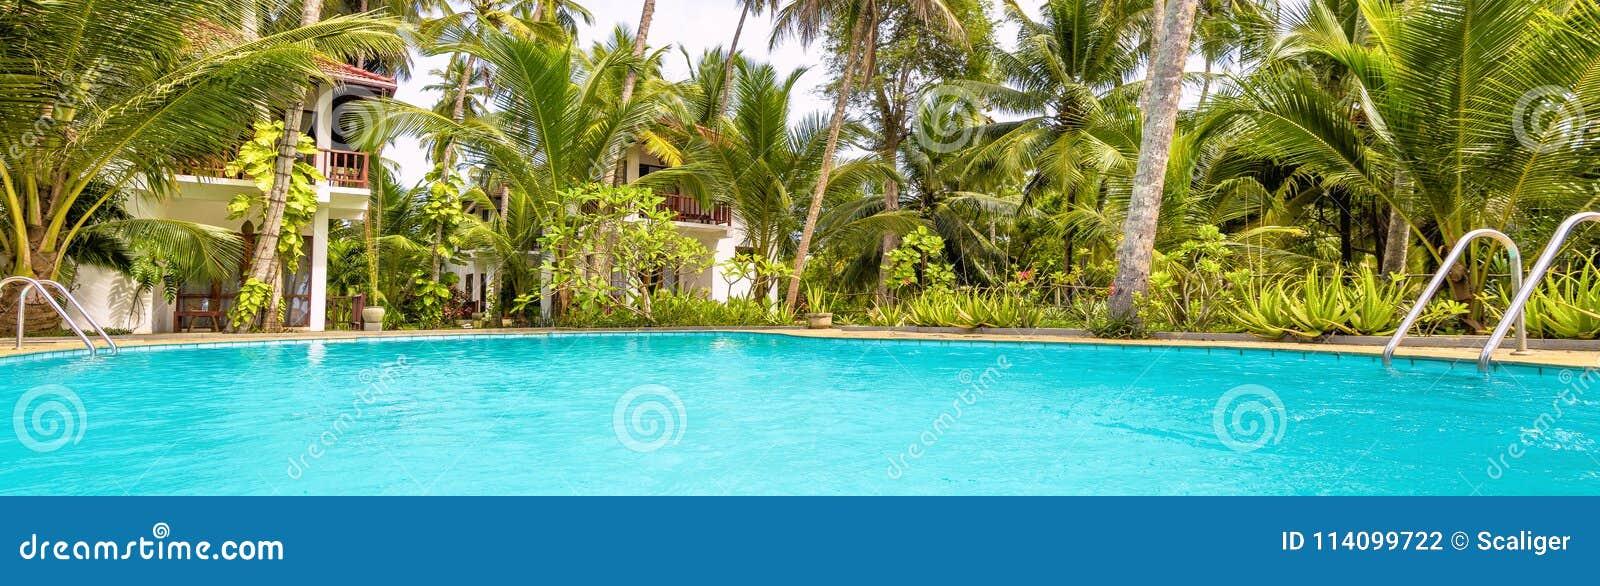 Vista panorâmica do hotel tropical ensolarado